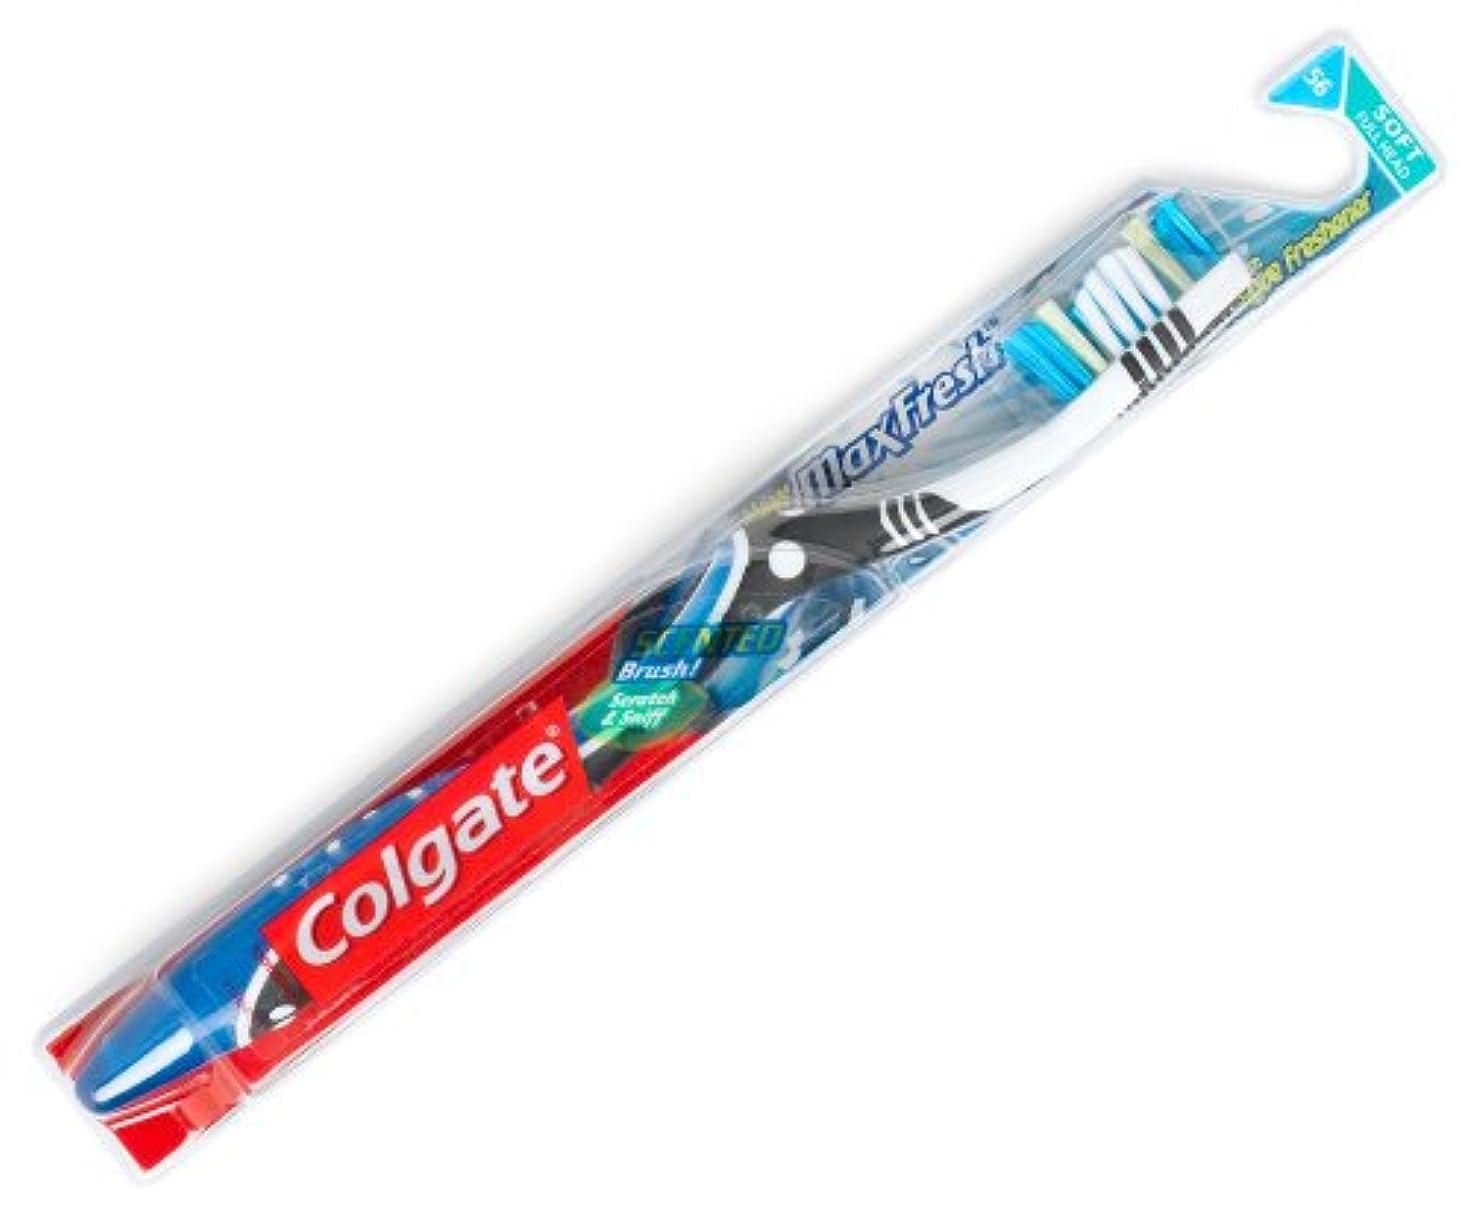 憂鬱な悔い改めストリームColgate マックス新鮮な柔らかい歯ブラシ2PK、1カラット